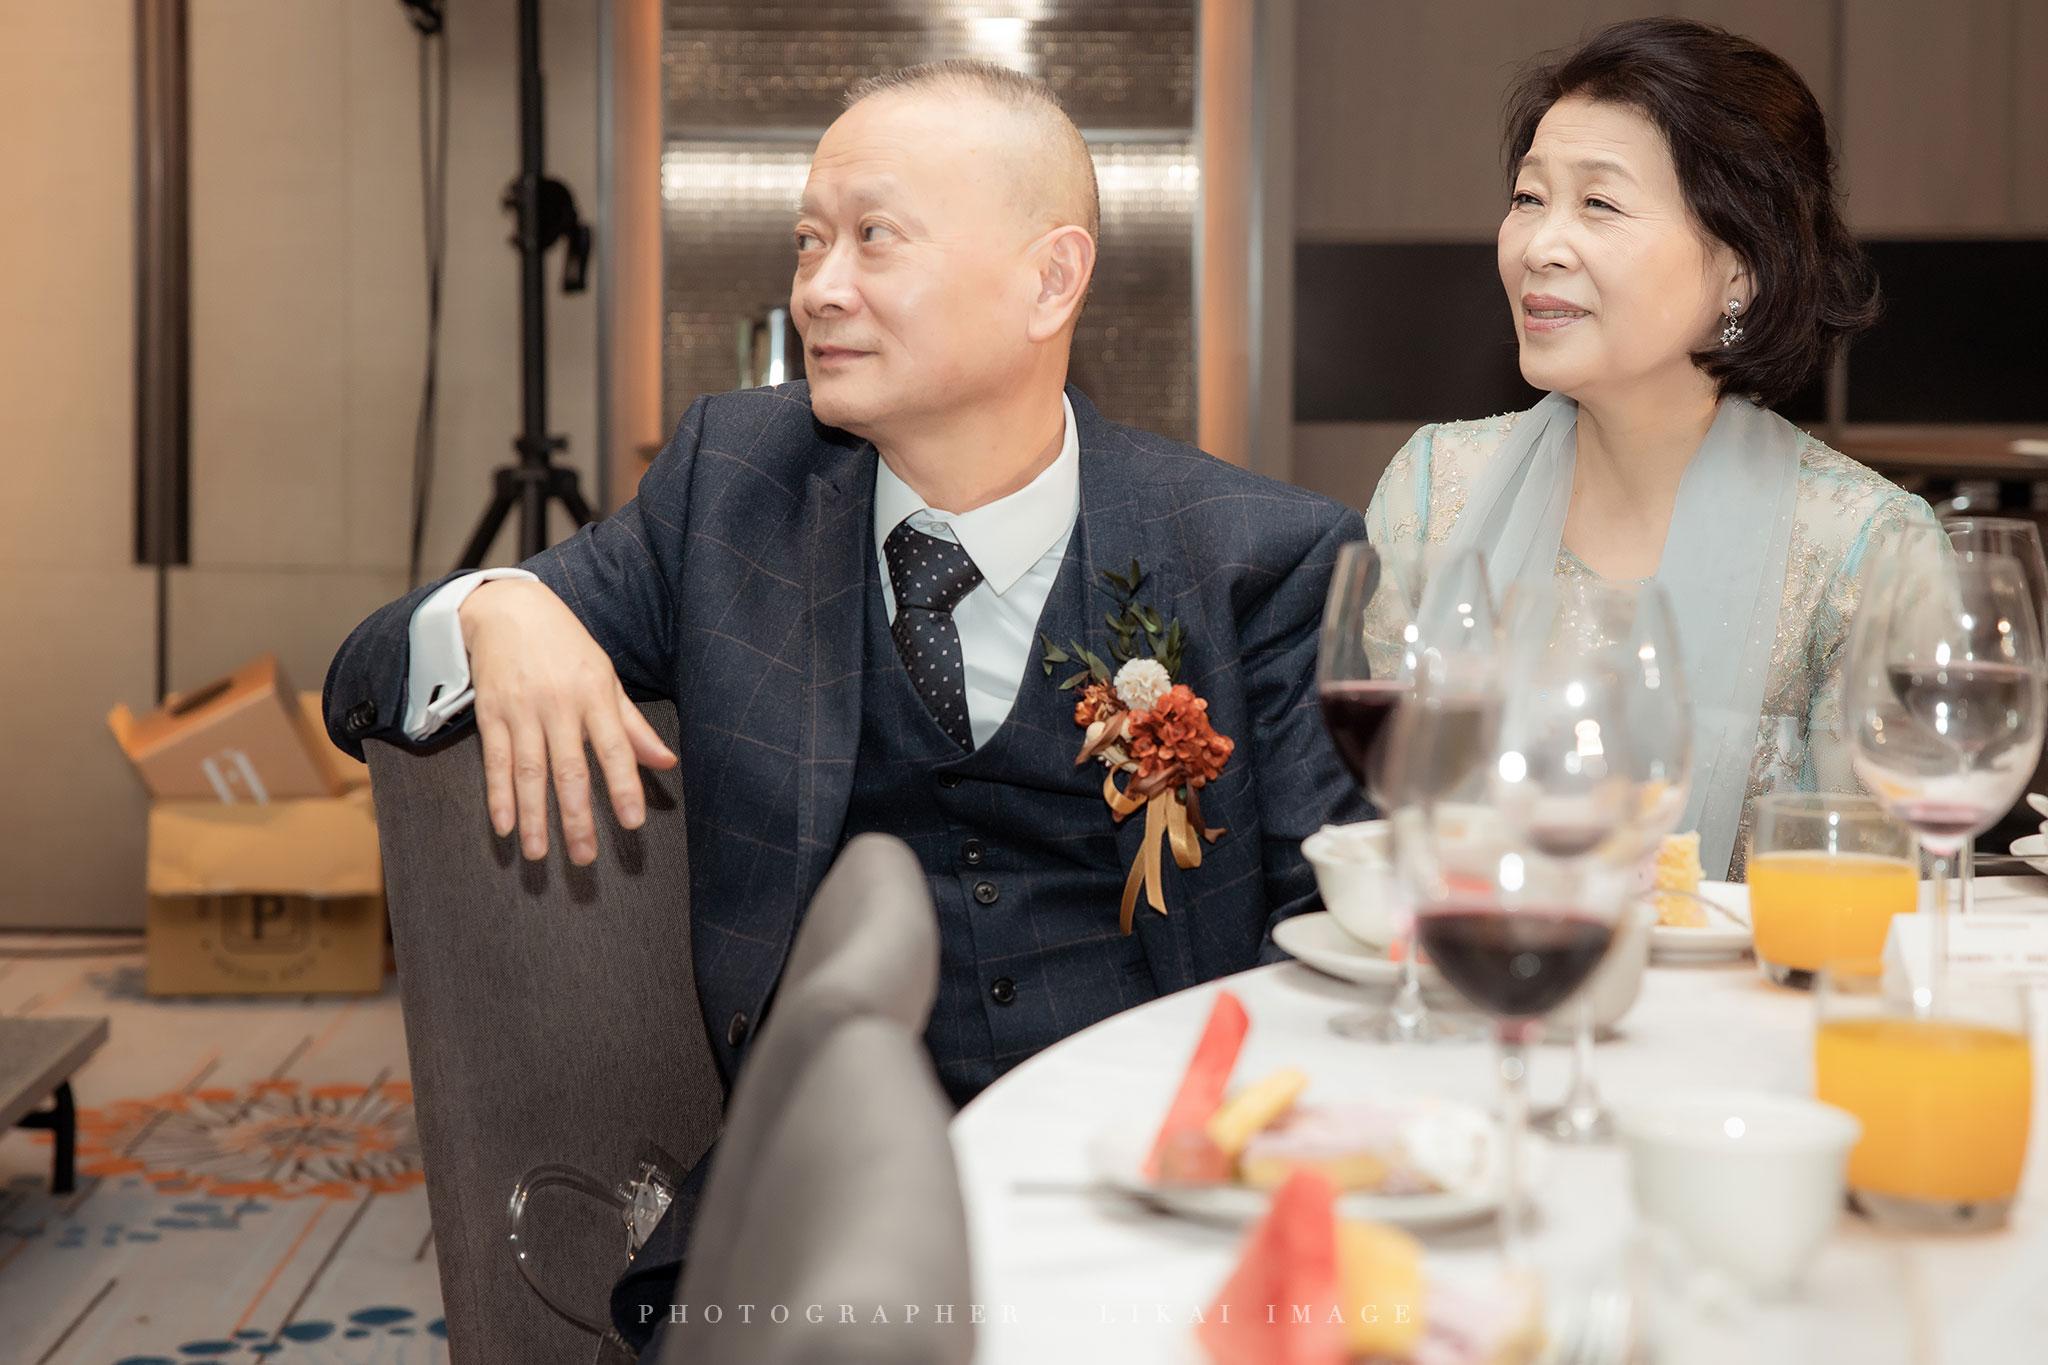 婚禮紀錄 - Fay & James - 國泰萬怡酒店